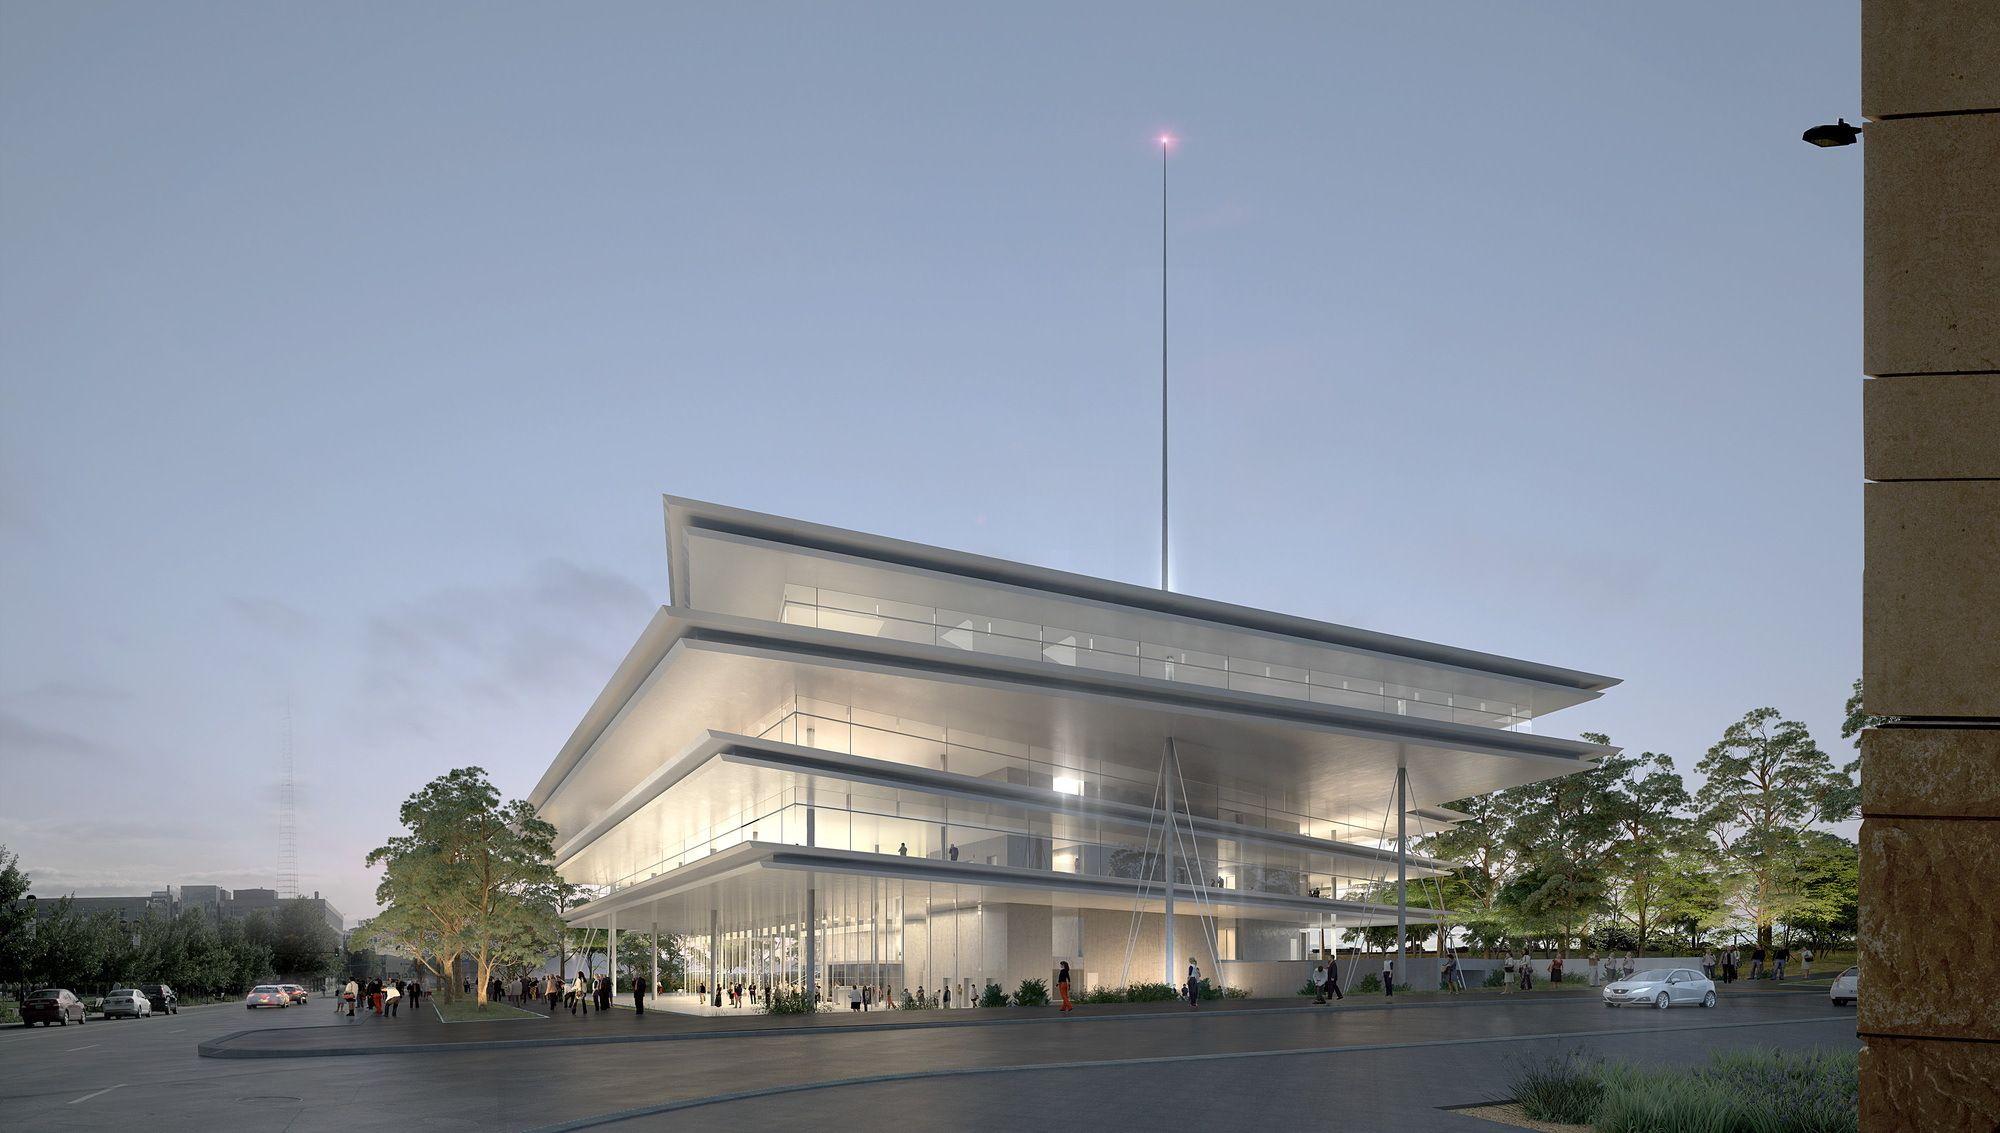 Renzo Piano plant Bürogebäude in Iowa / Fliegende Ebenen - Architektur und Architekten - News / Meldungen / Nachrichten - BauNetz.de